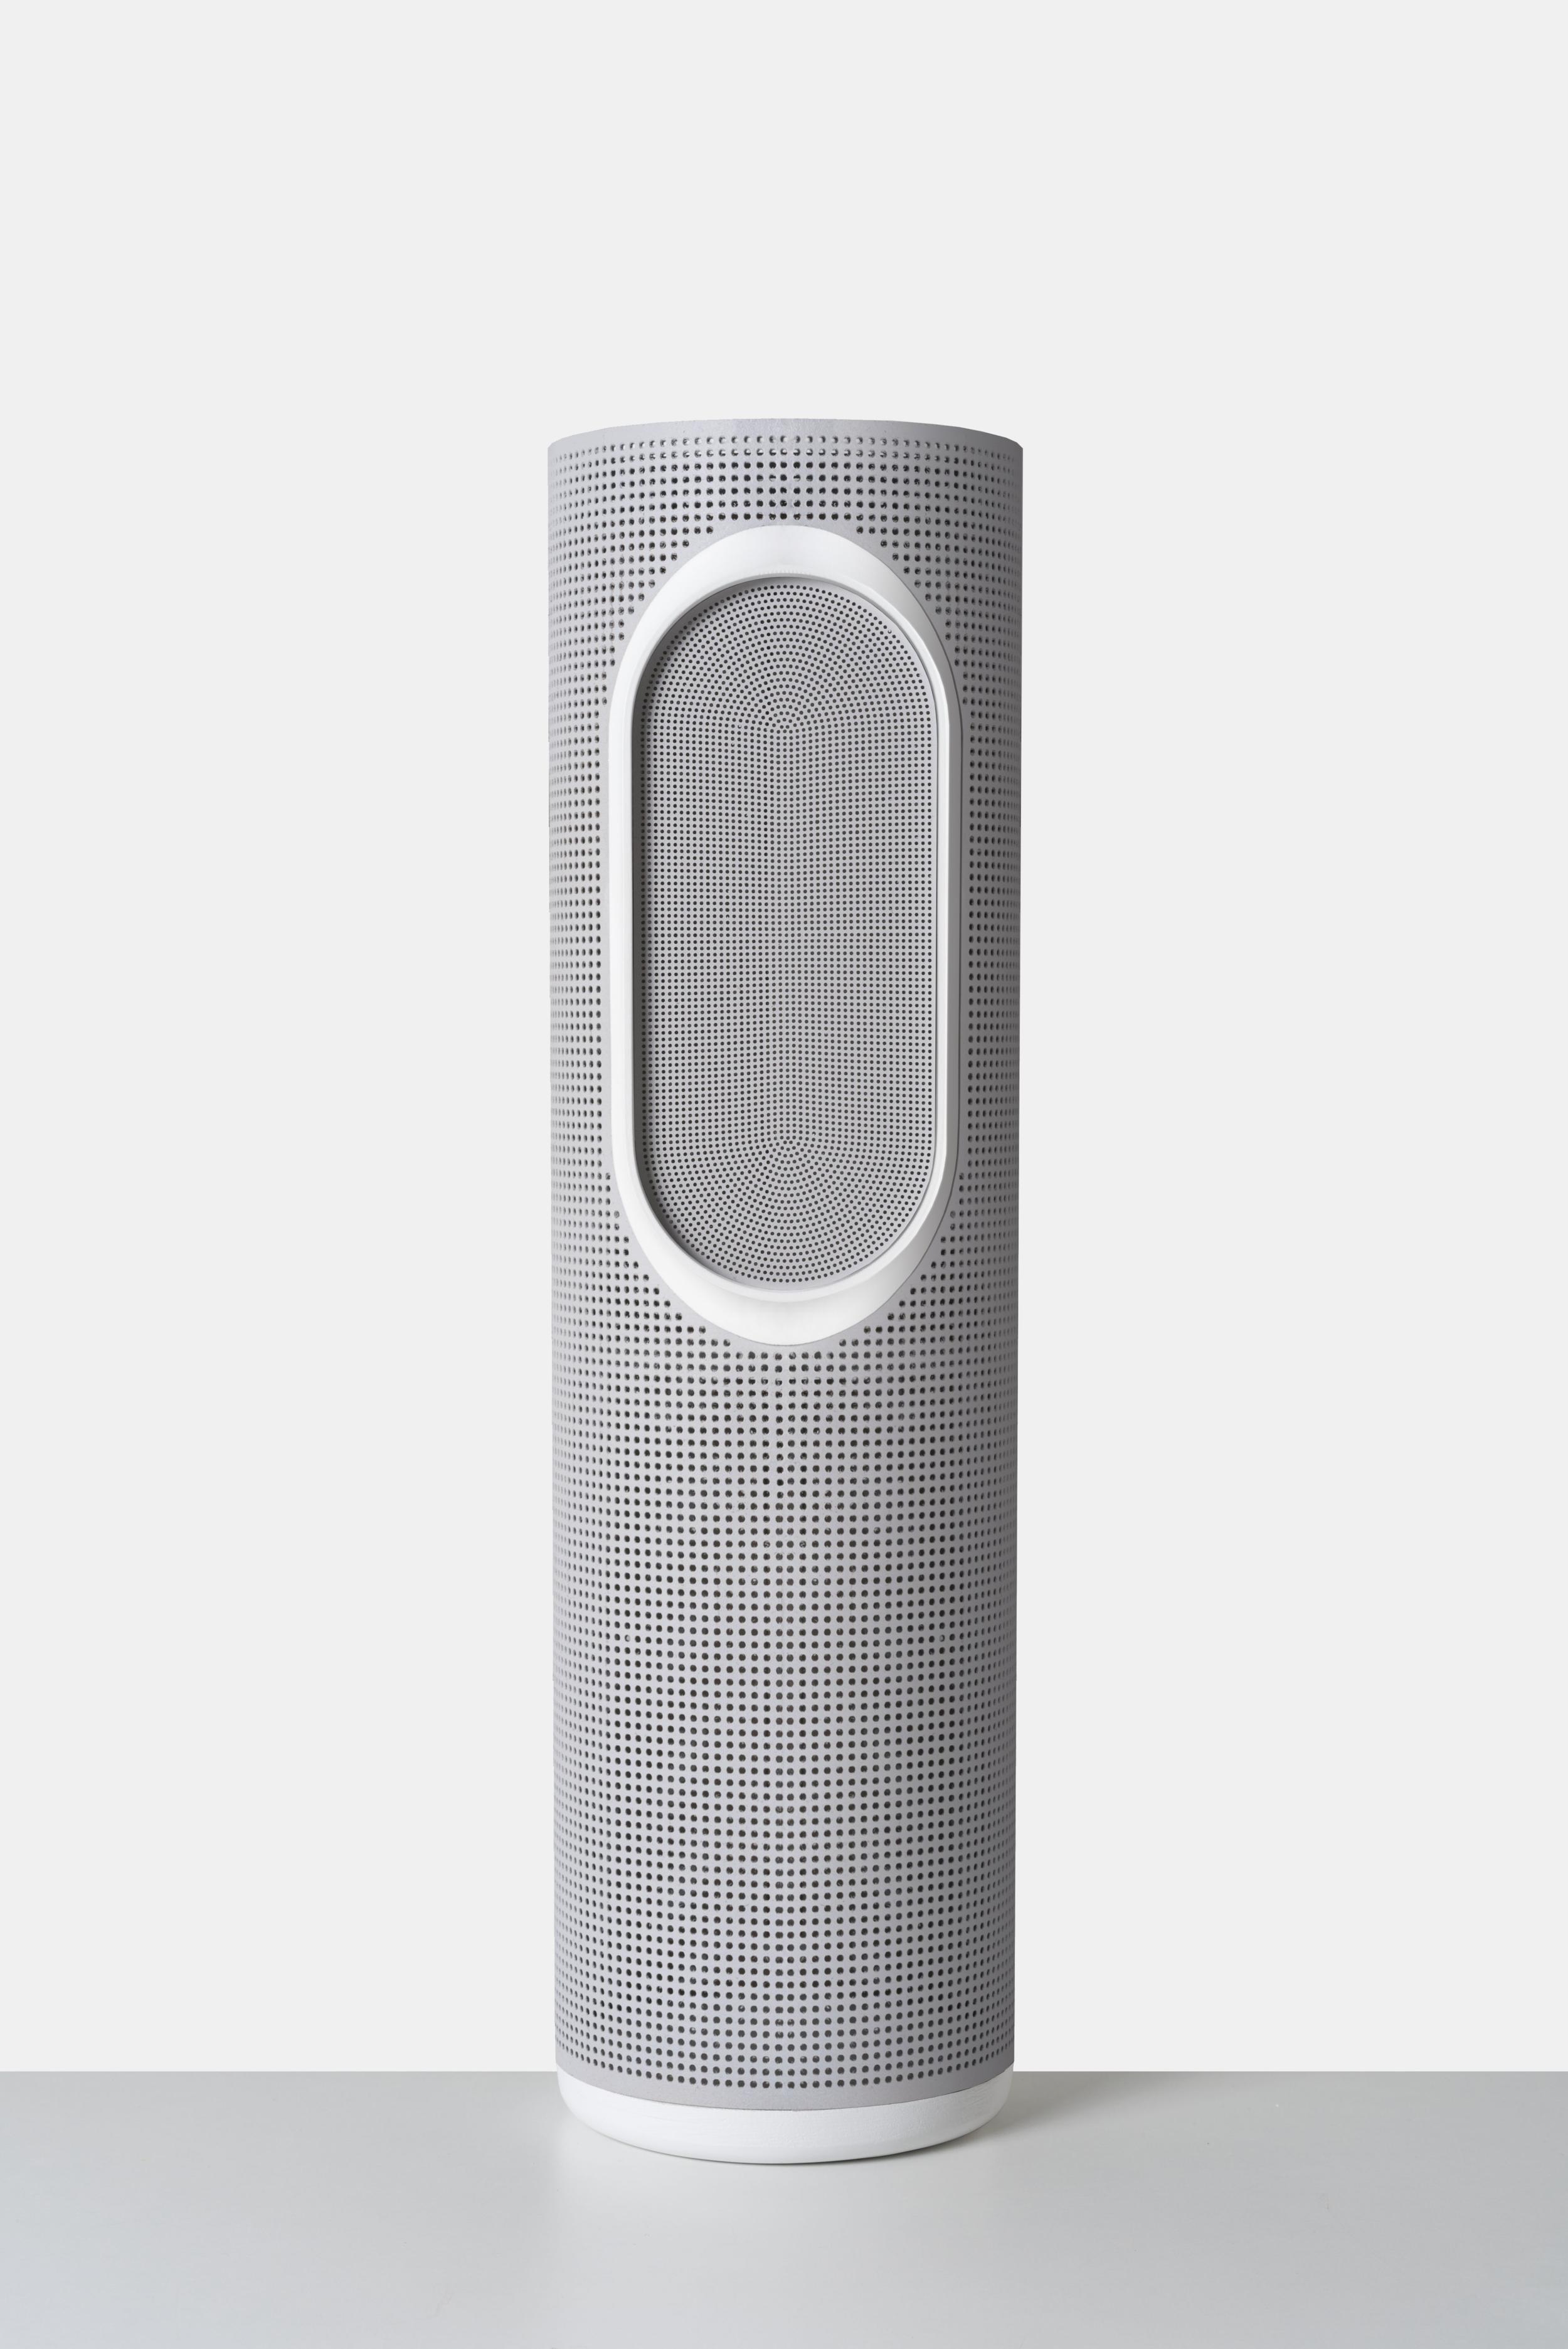 Conception d'une gamme d'objets connectés pour le traitement de l'air domestique   Partenaire : Avidsen